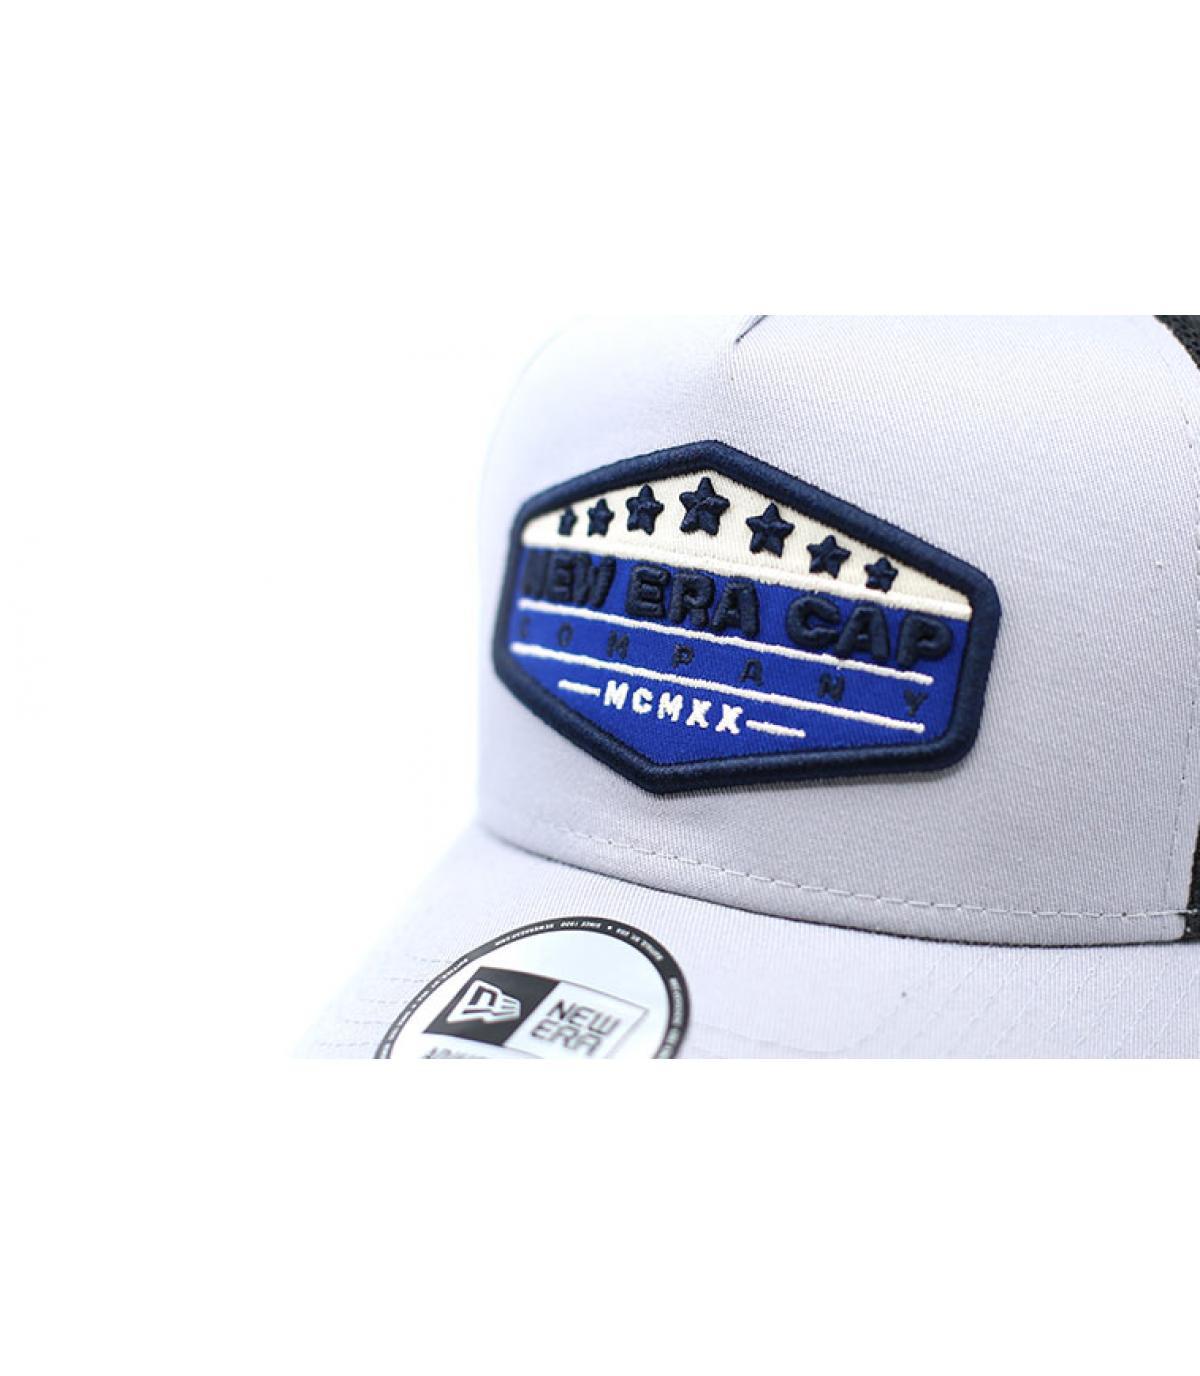 Details Trucker Patch NE gray blue - Abbildung 3